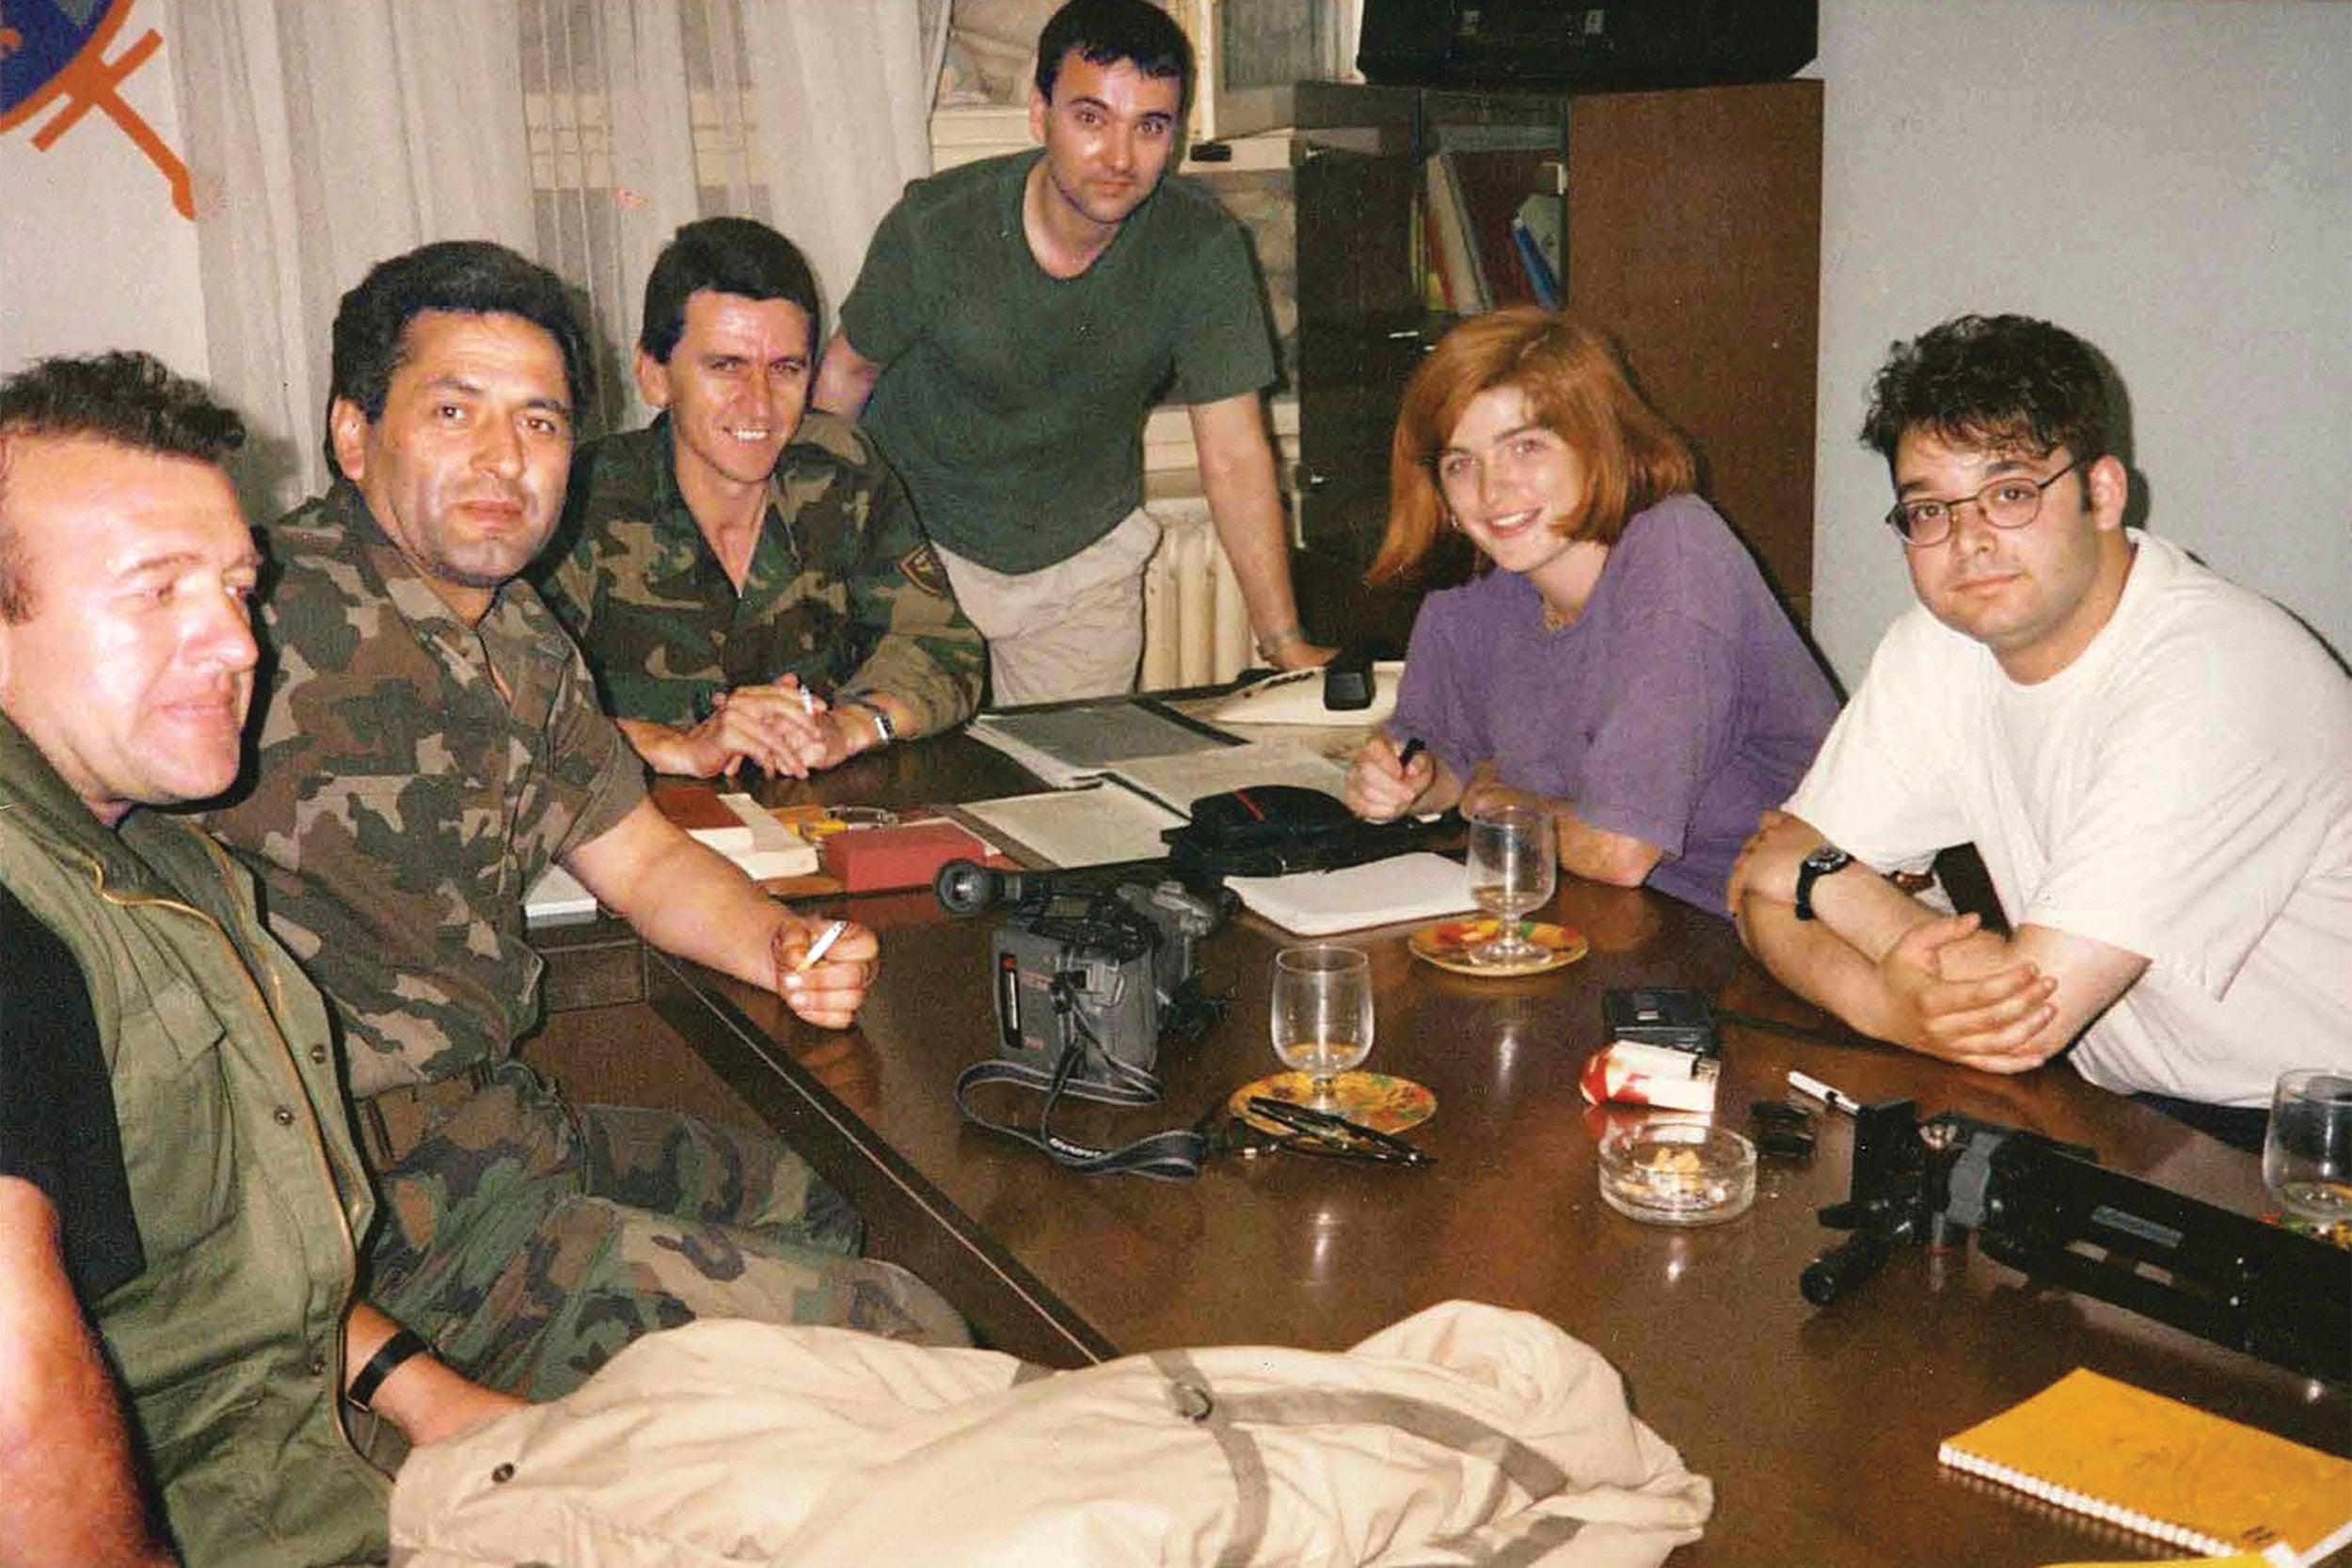 Samantha Power interviewing Bosnian military